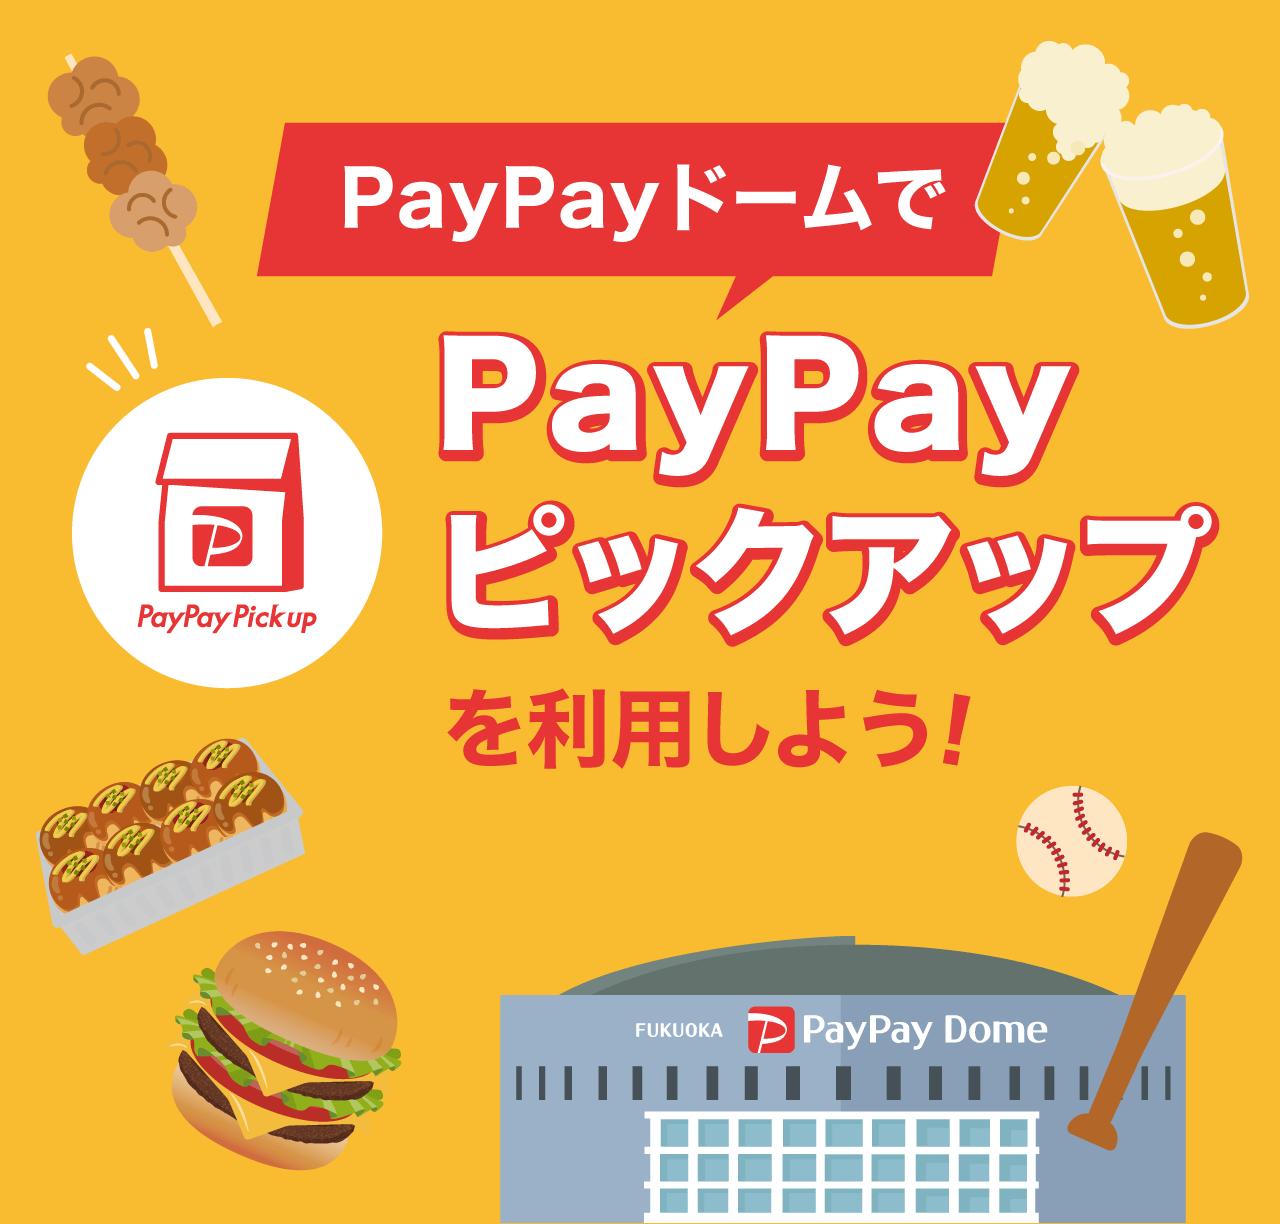 PayPayドームでPayPayピックアップを利用しよう!